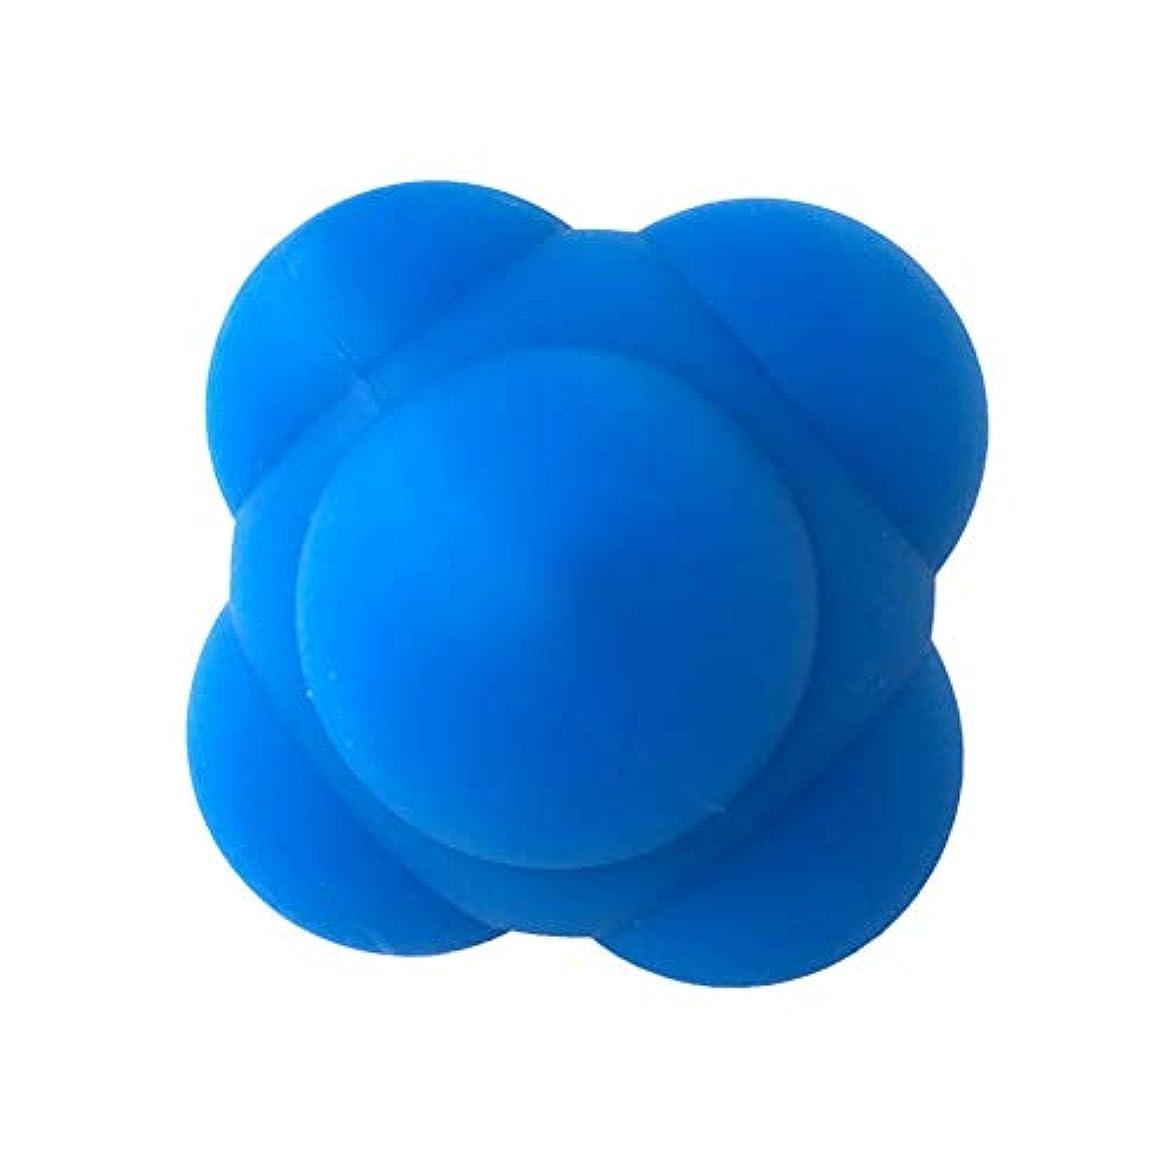 ブルジョン適切なキロメートルHealifty 体の管理ボールスポーツシリコン六角形のボールソリッドフィットネストレーニングエクササイズリアクションボール素早さと敏捷性トレーニングボール6cm(青)